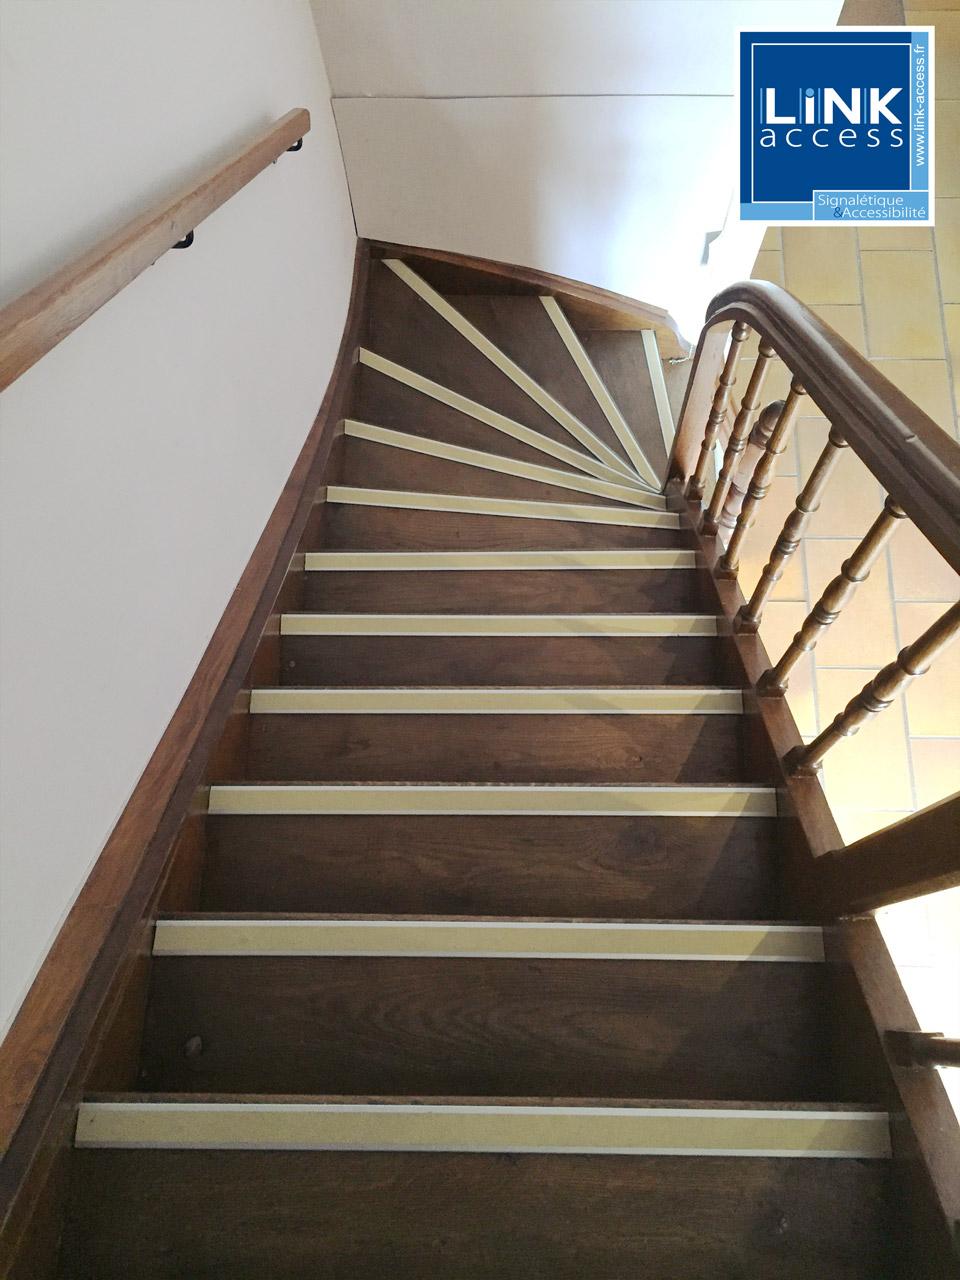 Nez de marche contrastés antidérapants sur escaliers en bois posé par Link-Access à lampertheim.